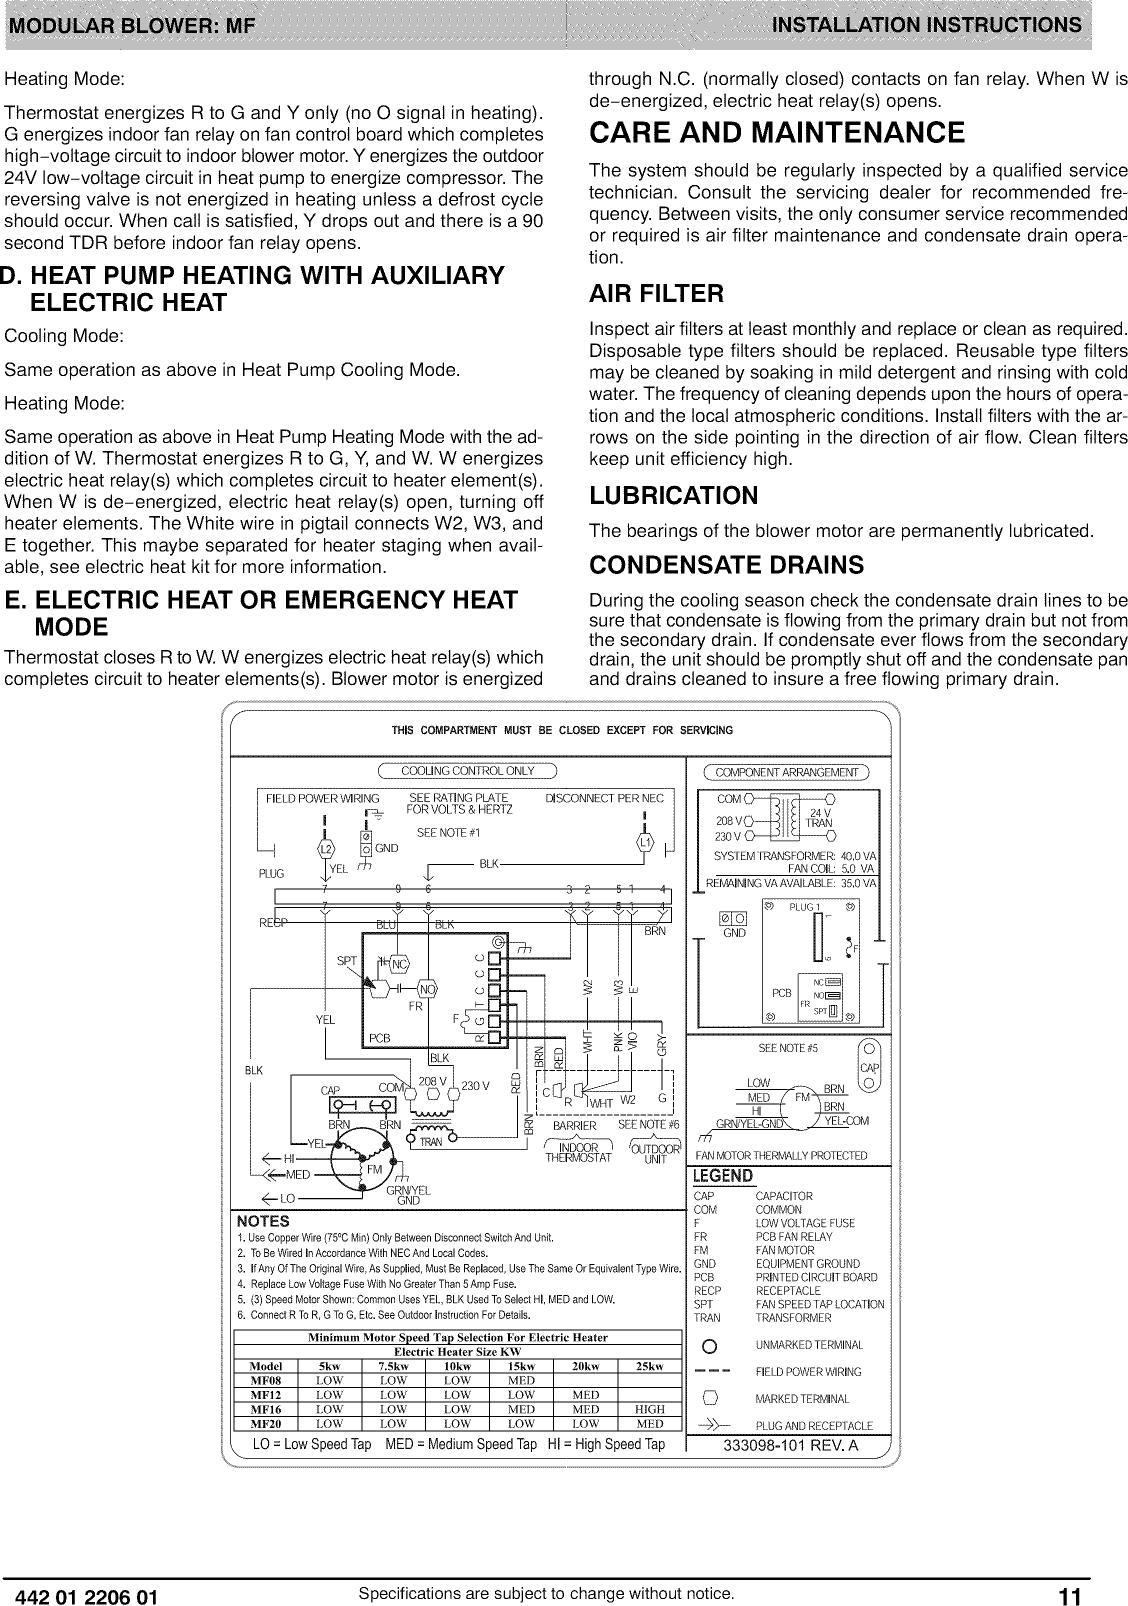 icp air handler (indoor blower\u0026evap) manual l0909283page 11 of 12 icp air handler (indoor blower\u0026evap) manual l0909283